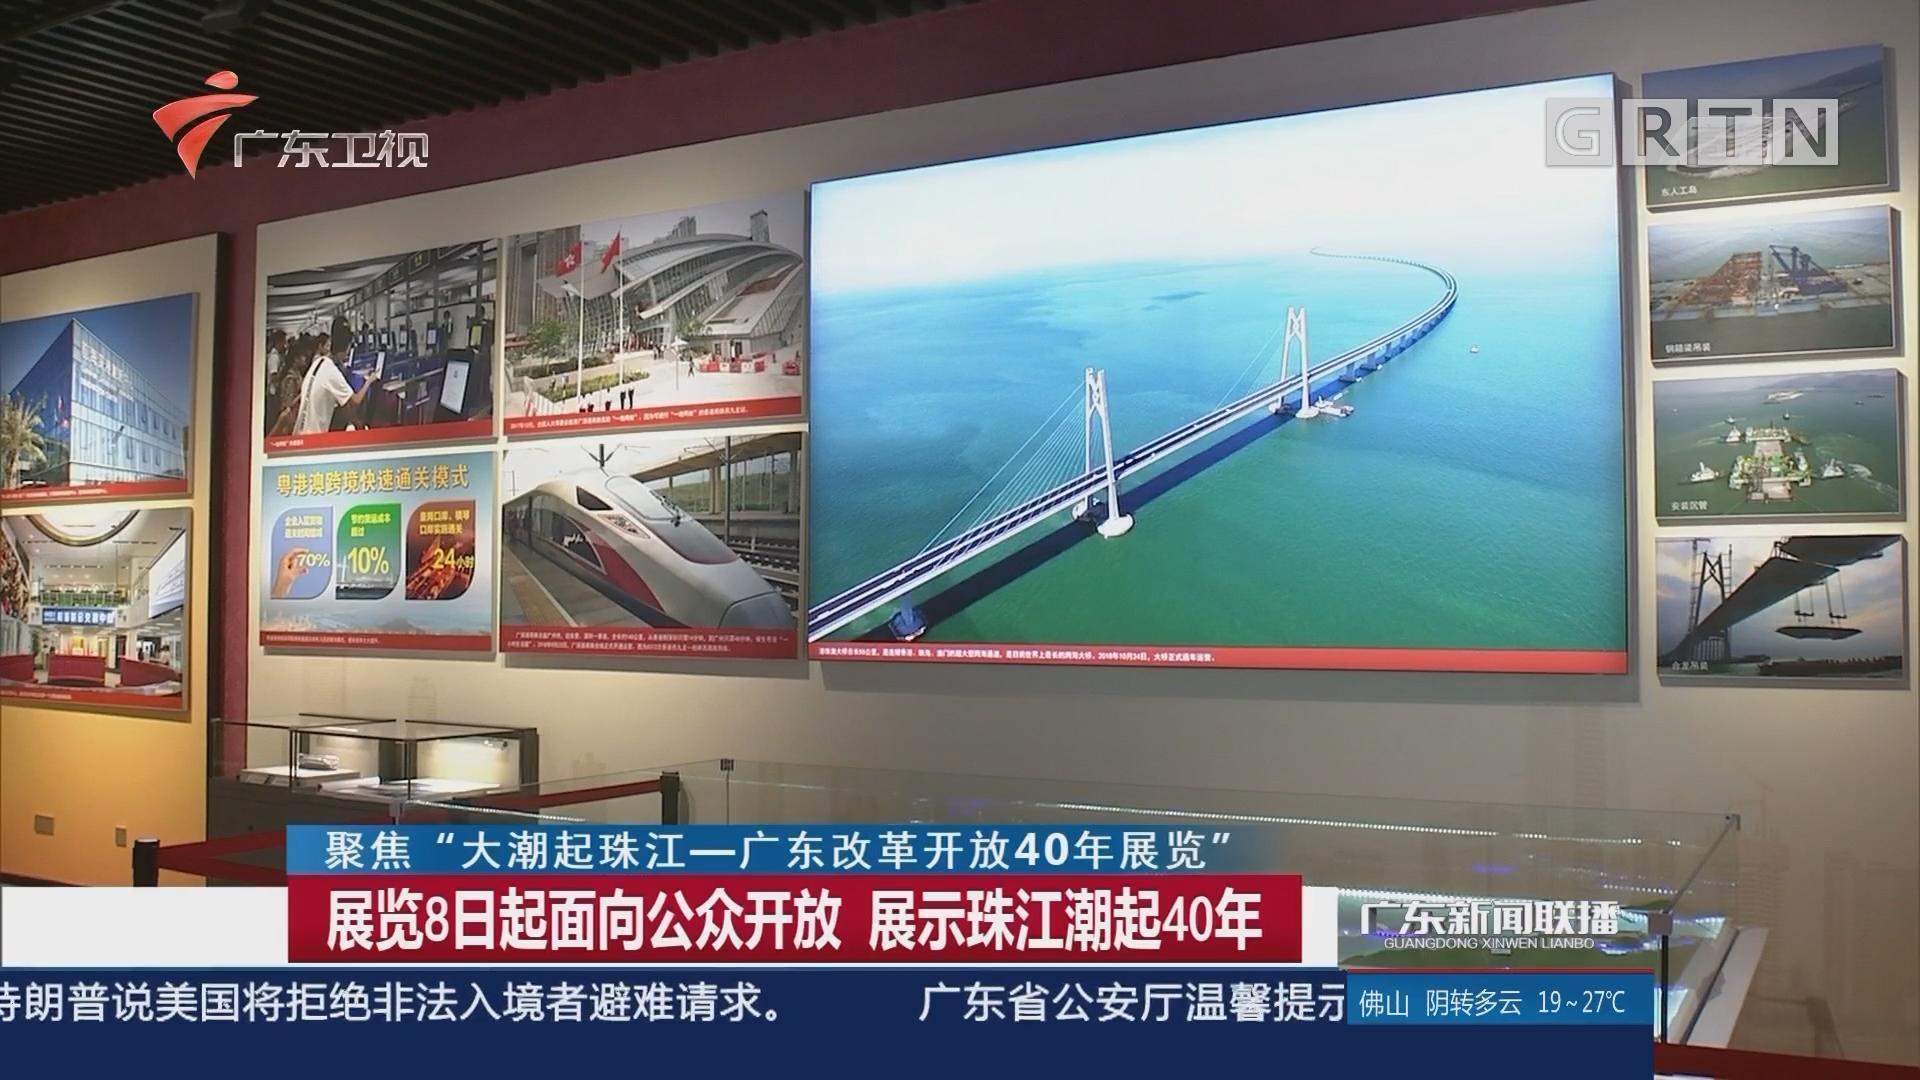 展览8日起面向公众开放 展示珠江潮起40年